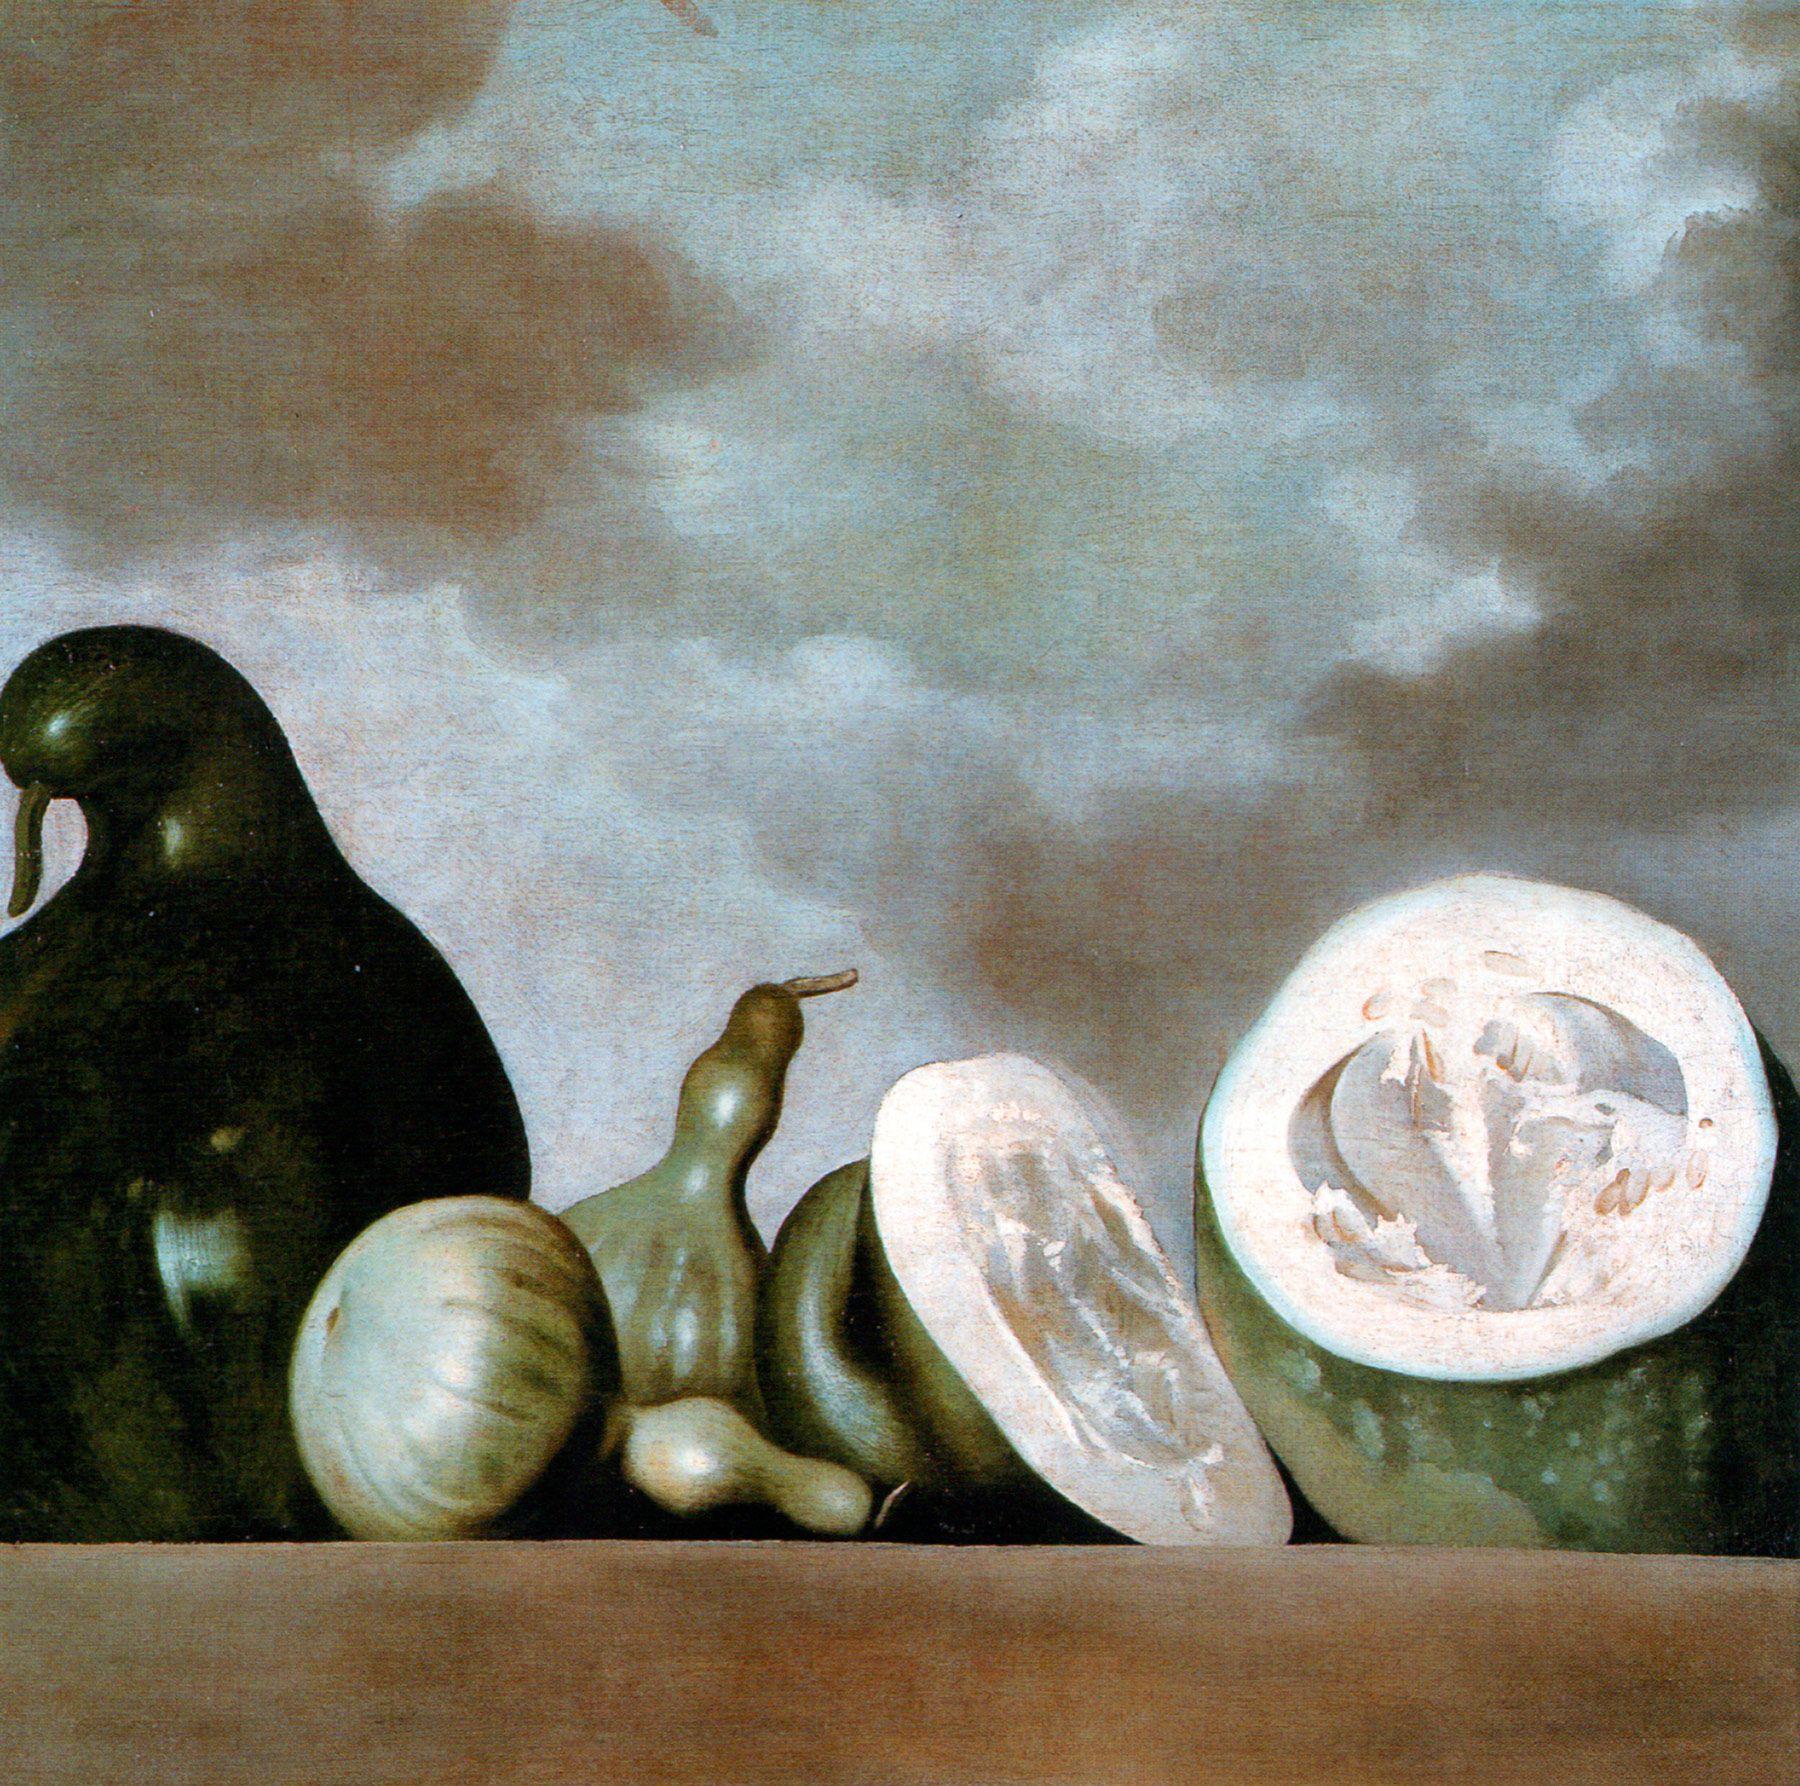 Albert Eckhout Cabacas Con Imagenes Pinturas Artistas